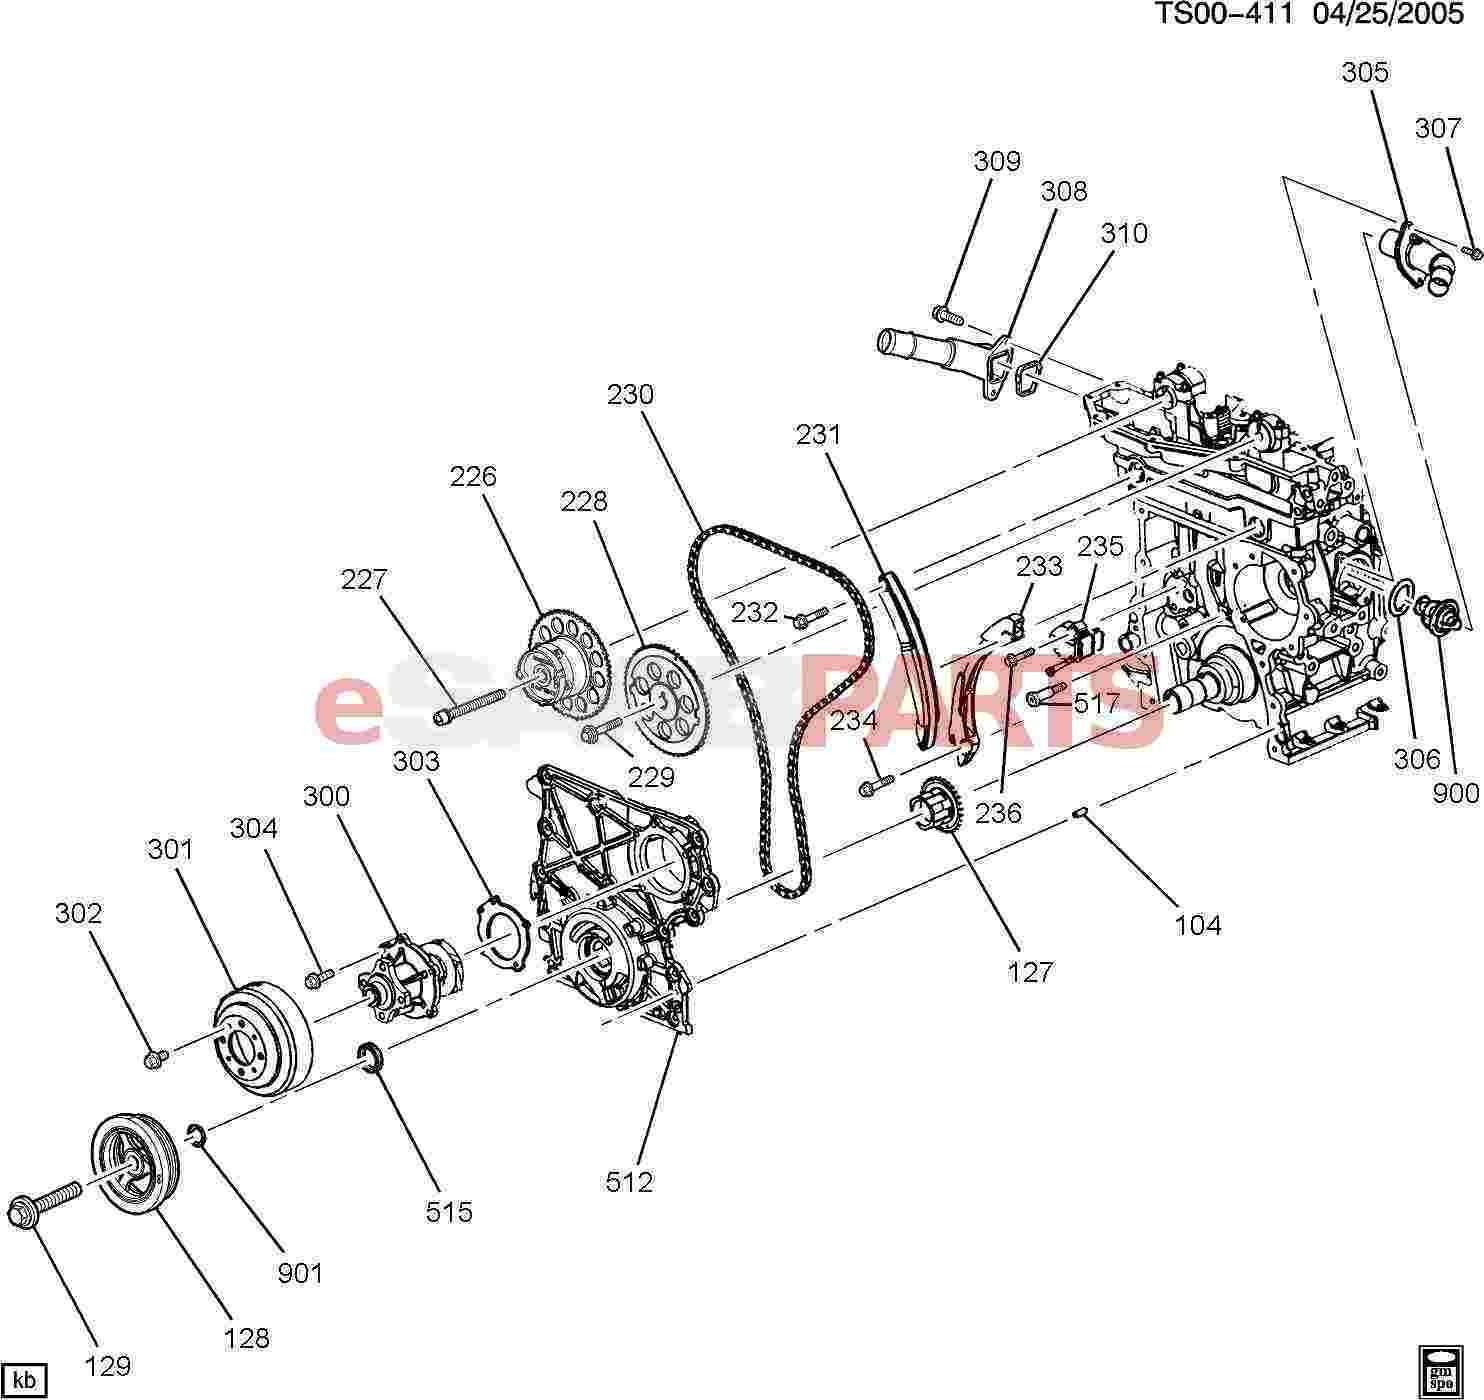 Gmc Envoy Parts Diagram ] Saab Bolt Hfh M6x1x35 17 Thd 14 2 Od 9 8 6280m Mach Of Gmc Envoy Parts Diagram